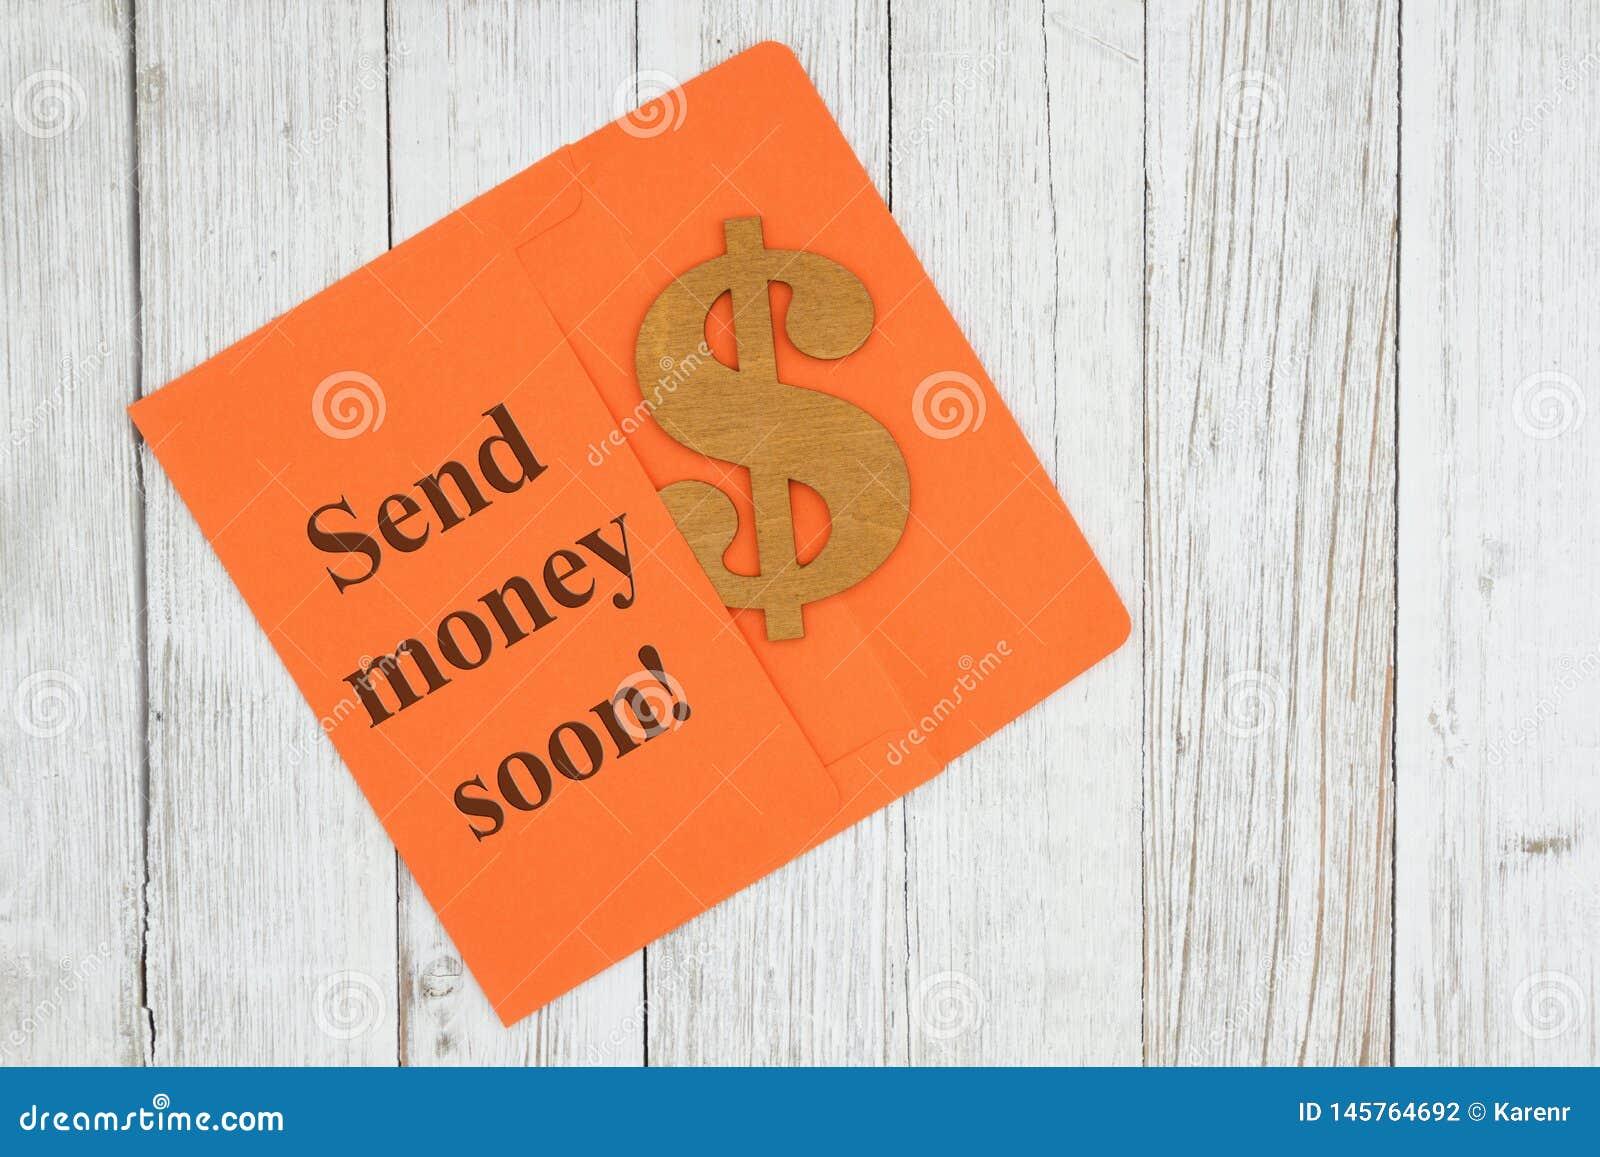 Στείλετε το κείμενο χρημάτων σύντομα με το σύμβολο σημαδιών δολαρίων με τον πορτοκαλή φάκελο στο κατασκευασμένο ξύλινο γραφείο